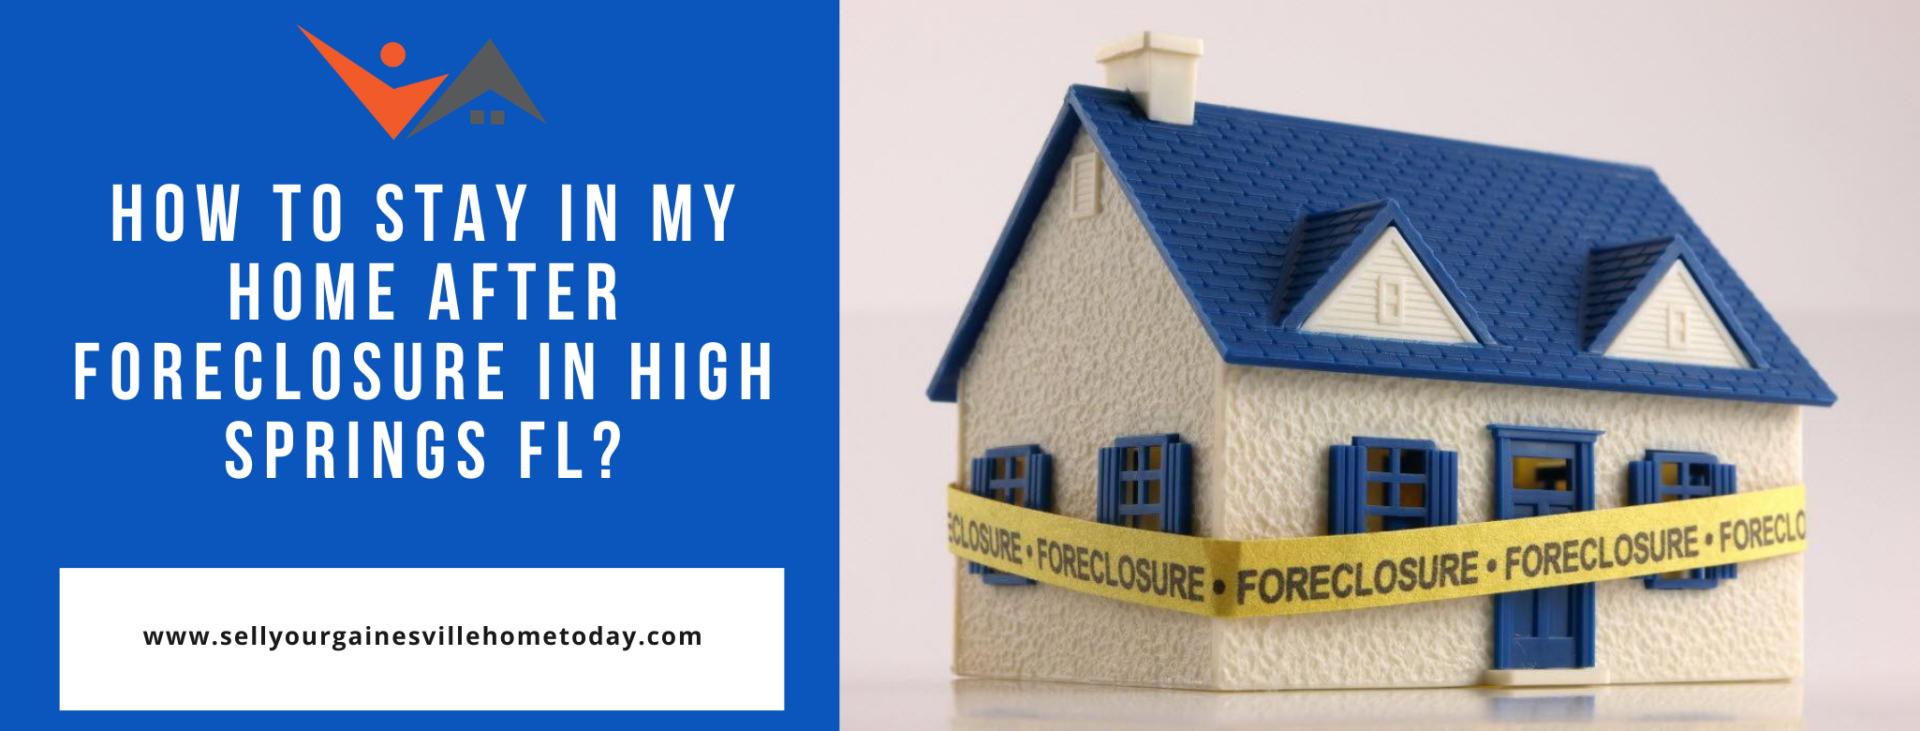 We buy properties in High Springs FL